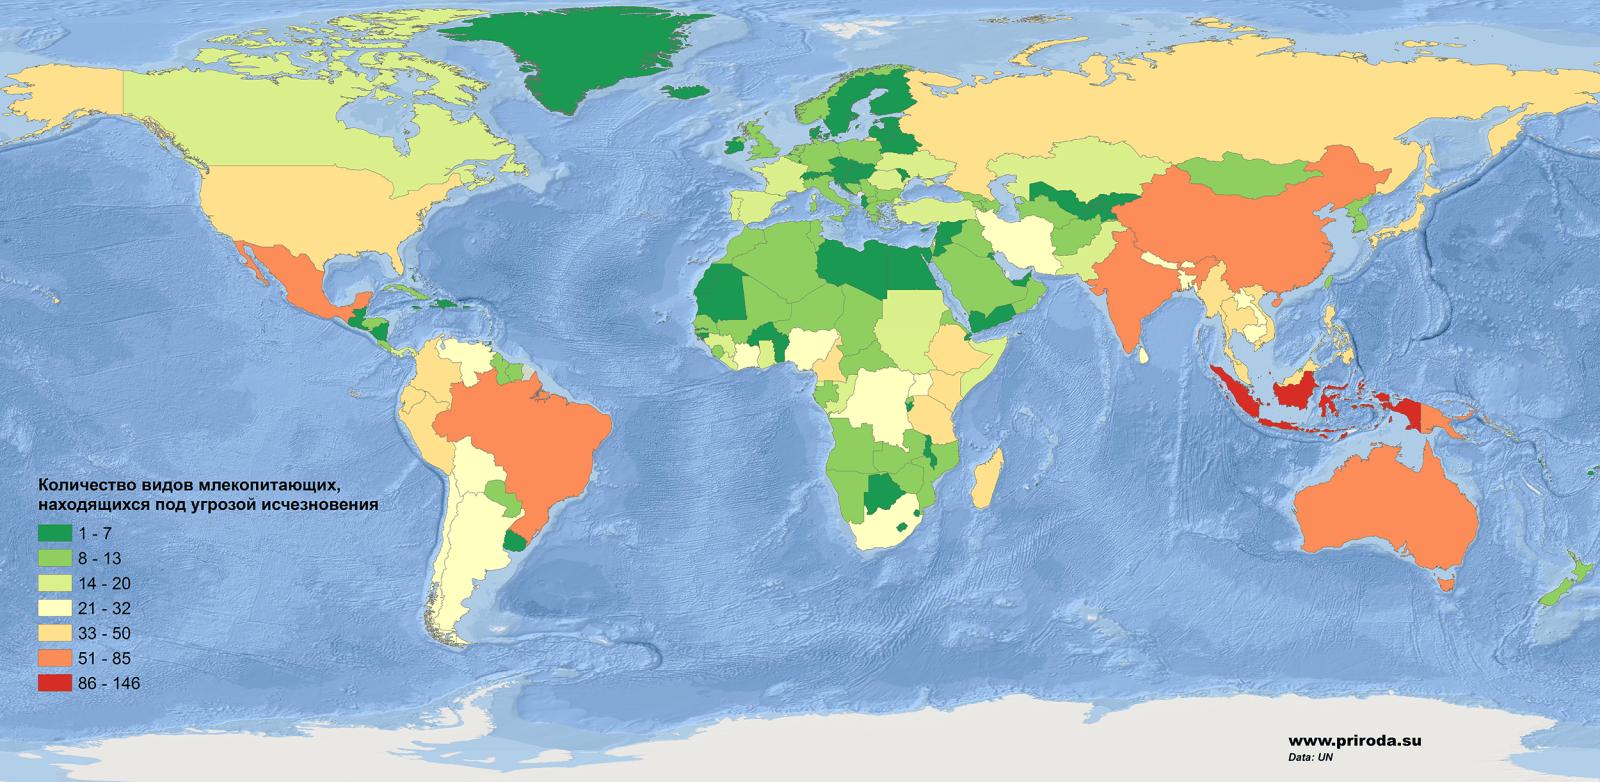 Количество видов млекопитающих, находящихся под угрозой исчезновения